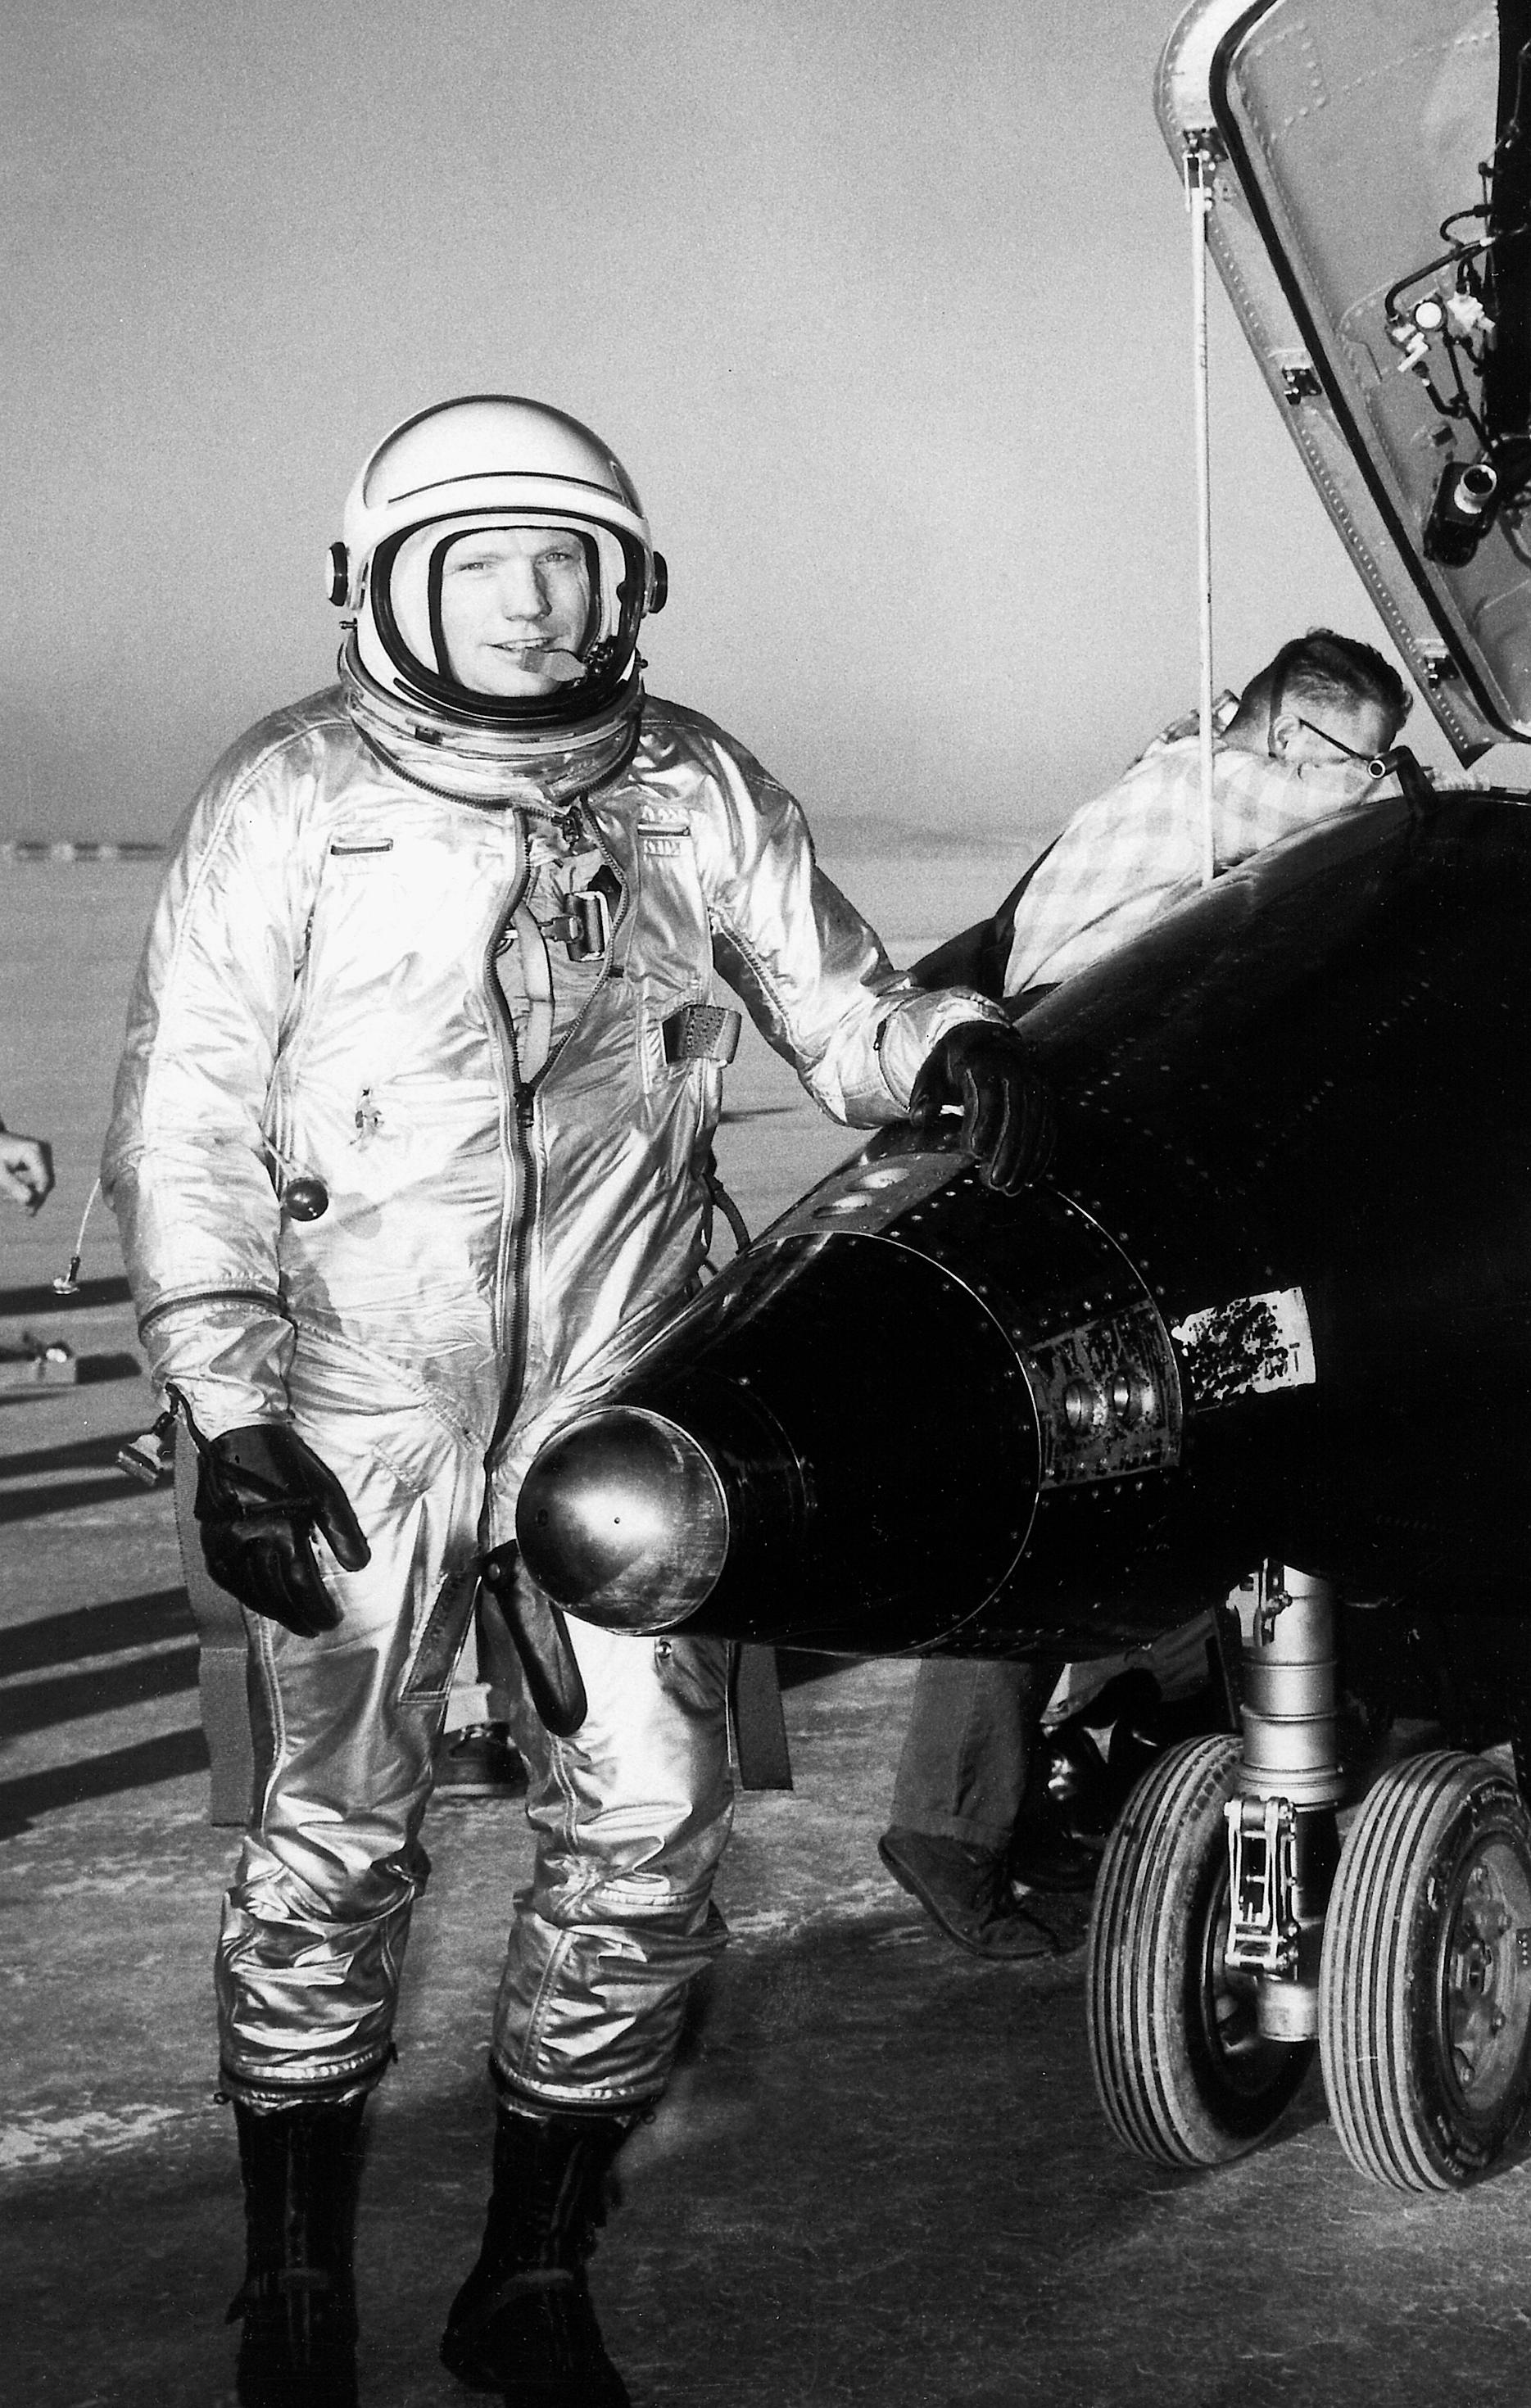 Neil Armstrong: X-15 Rocket Pilot